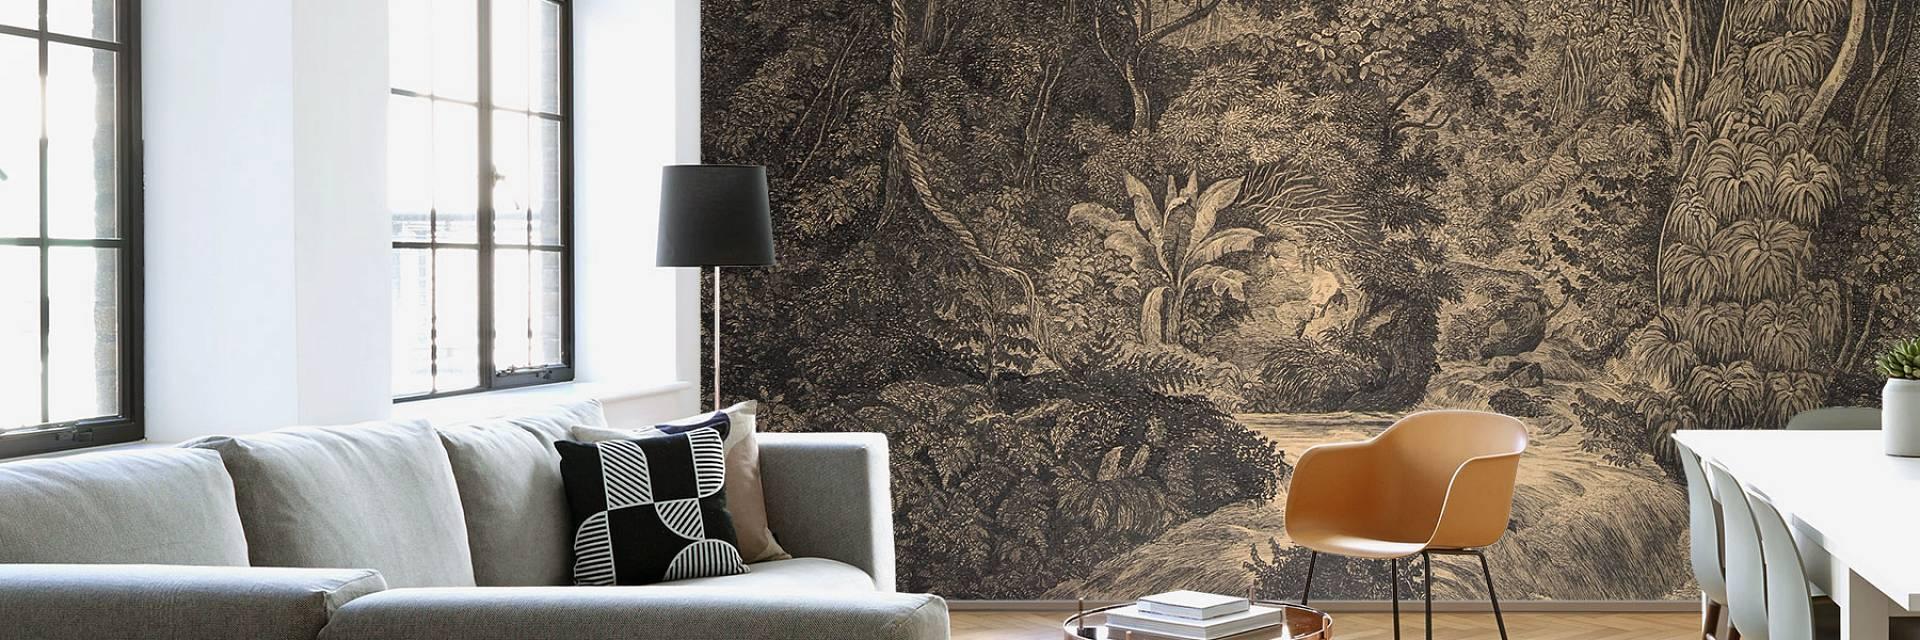 Behang Met Afbeelding.Haal De Natuur In Huis Met Onze Behangen En Prints Naturalis